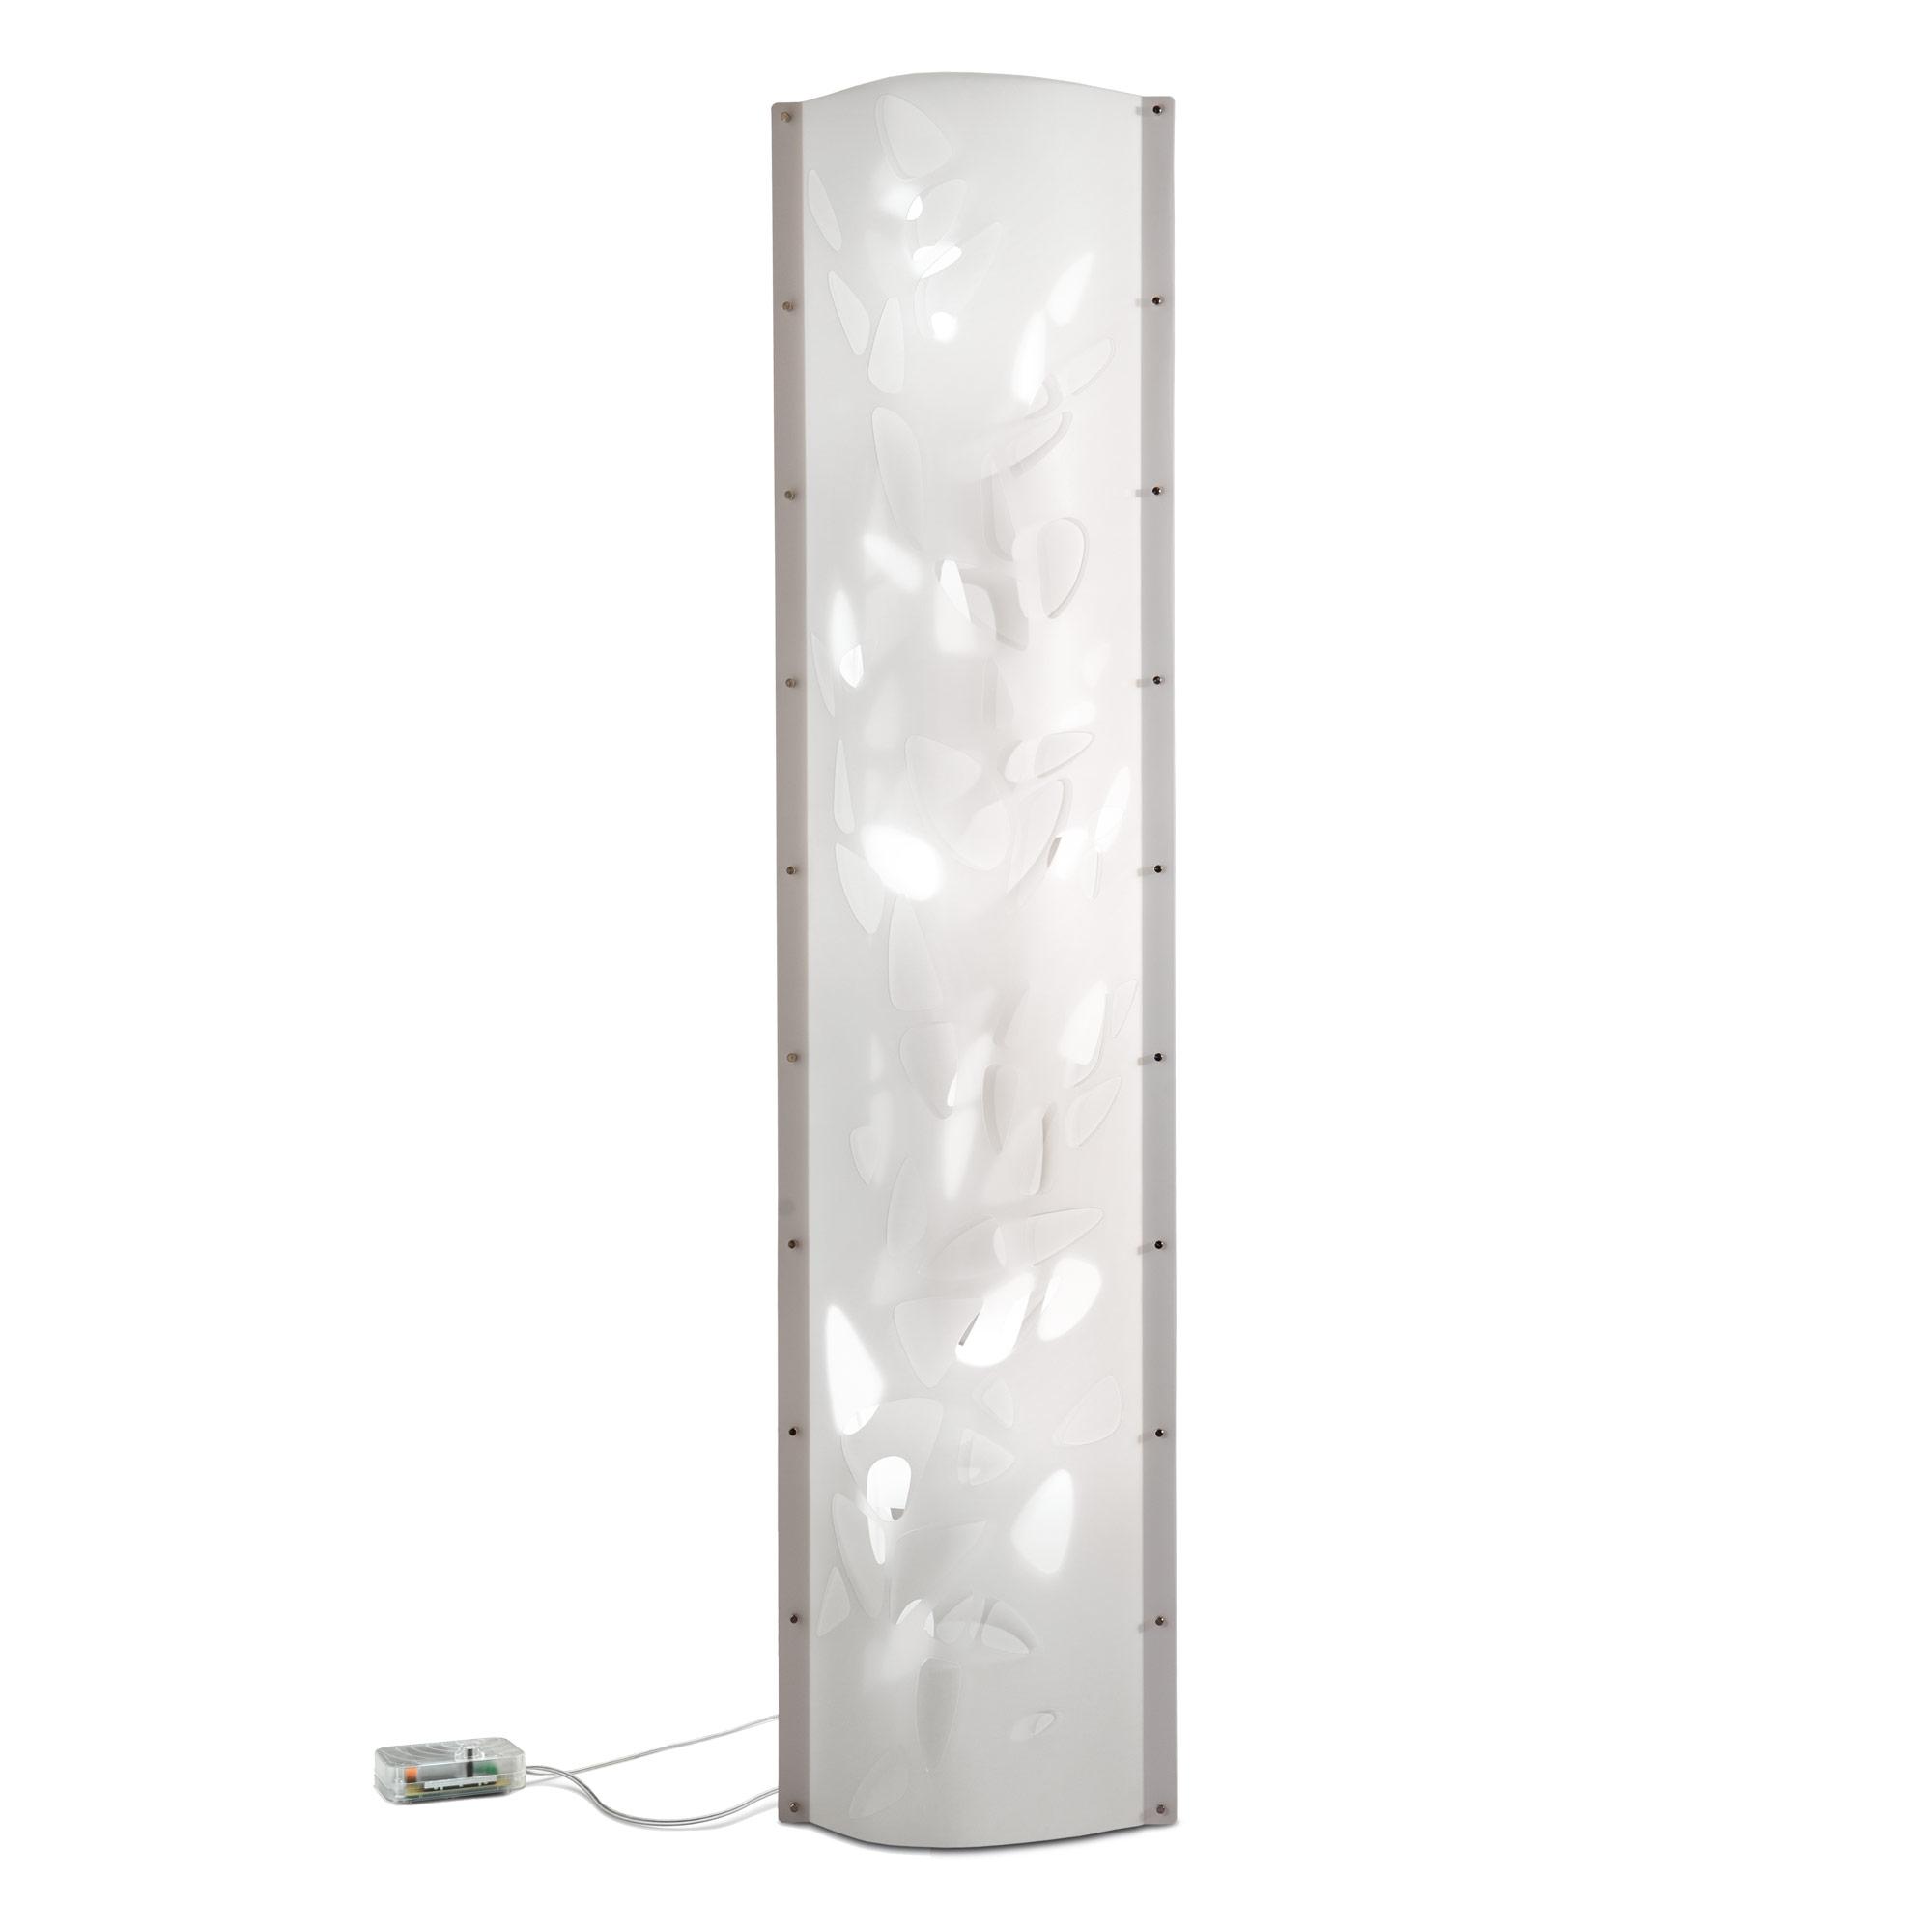 best website 51974 6367f Bios Tube Floor Lamp by Slamp | TUB14PTU0004WIBIO